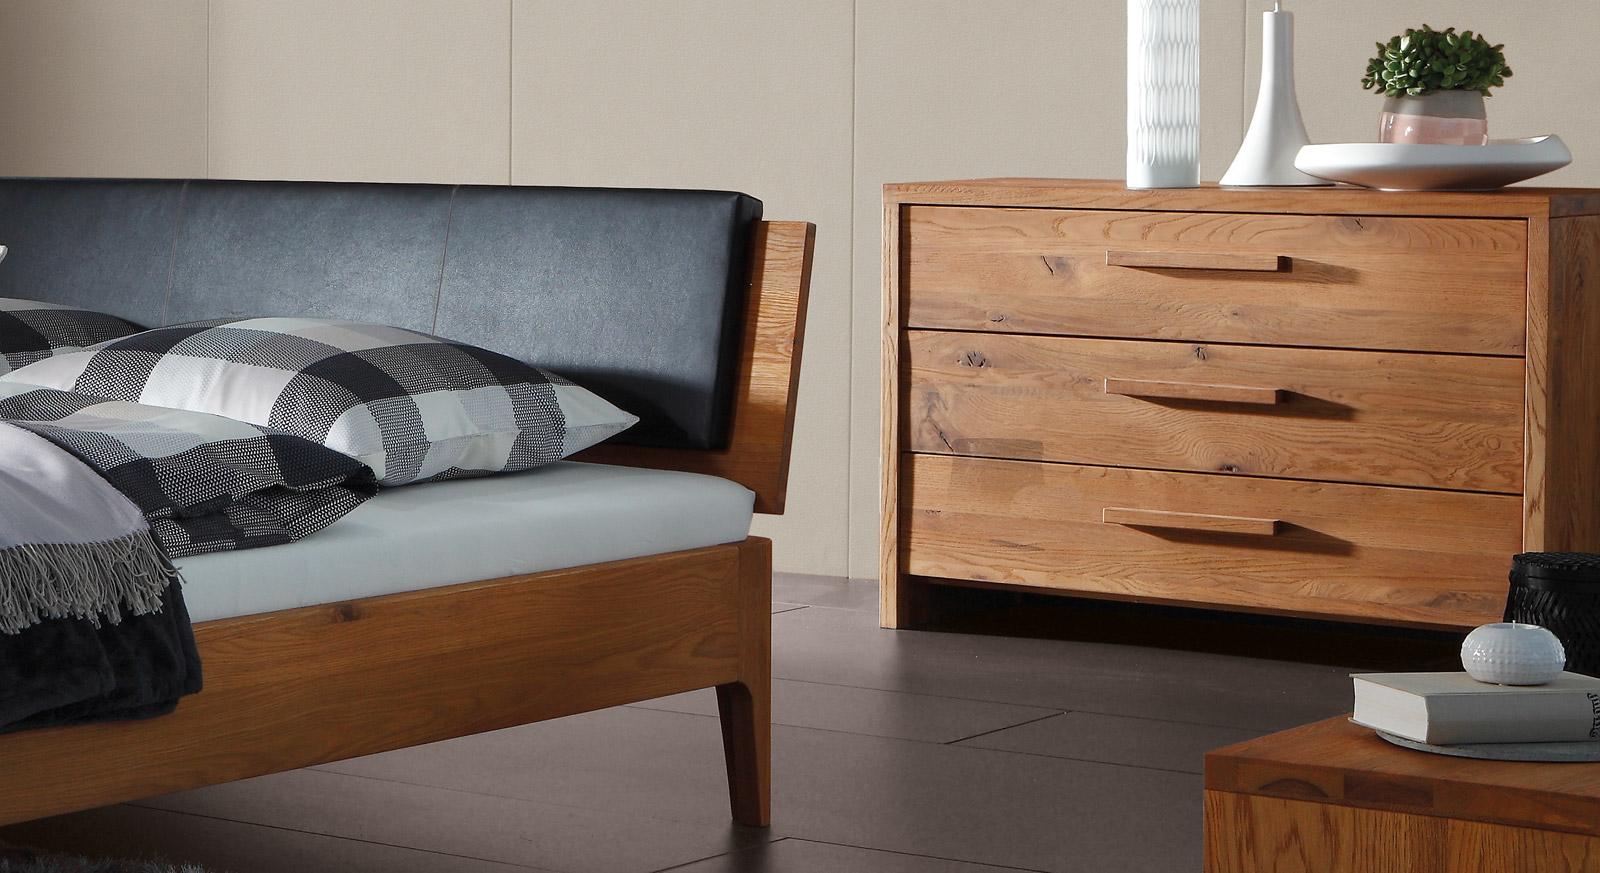 wohnideen wohnzimmer ikea. Black Bedroom Furniture Sets. Home Design Ideas